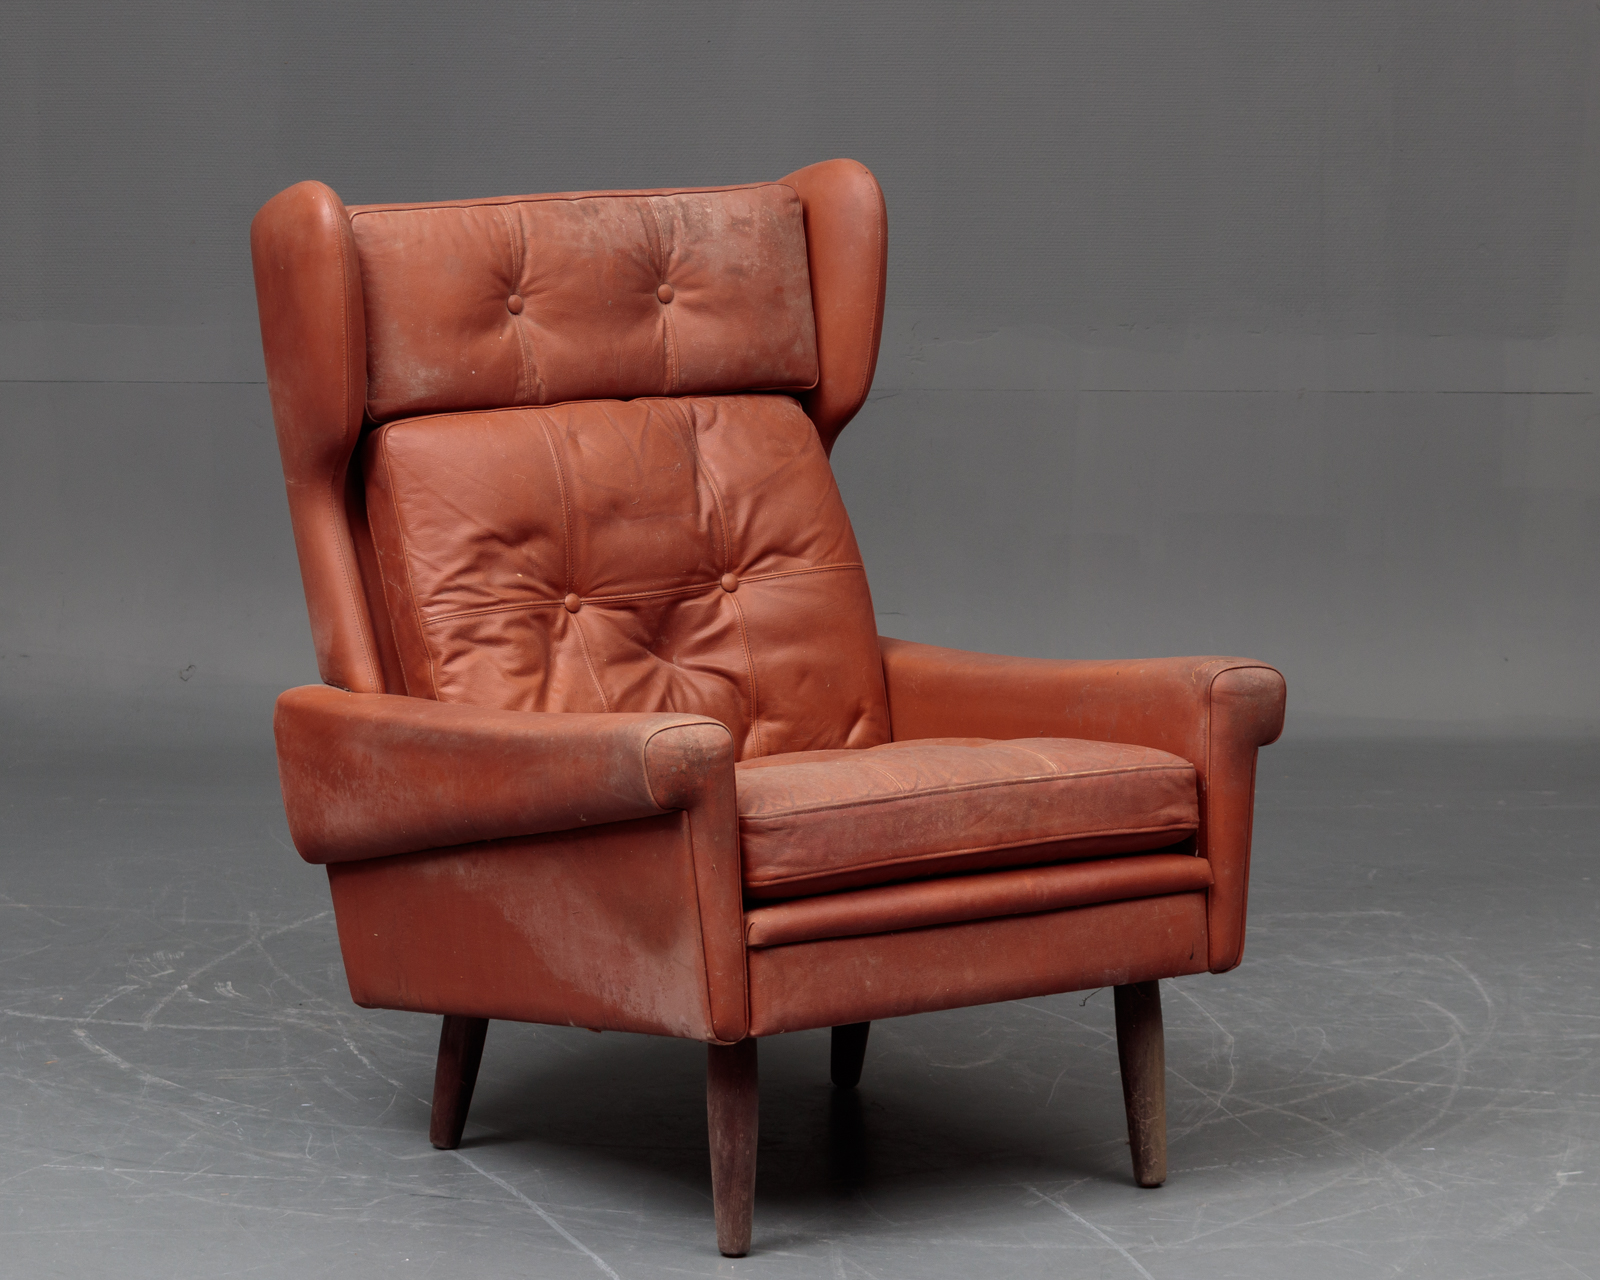 Svend Skipper: Øreklapstol - Svend Skipper: Øreklapstol beklædt med cognacfarvet læder. H 97 cm, SH 44 cm. Fremstår med opbevaringsspor og snavs